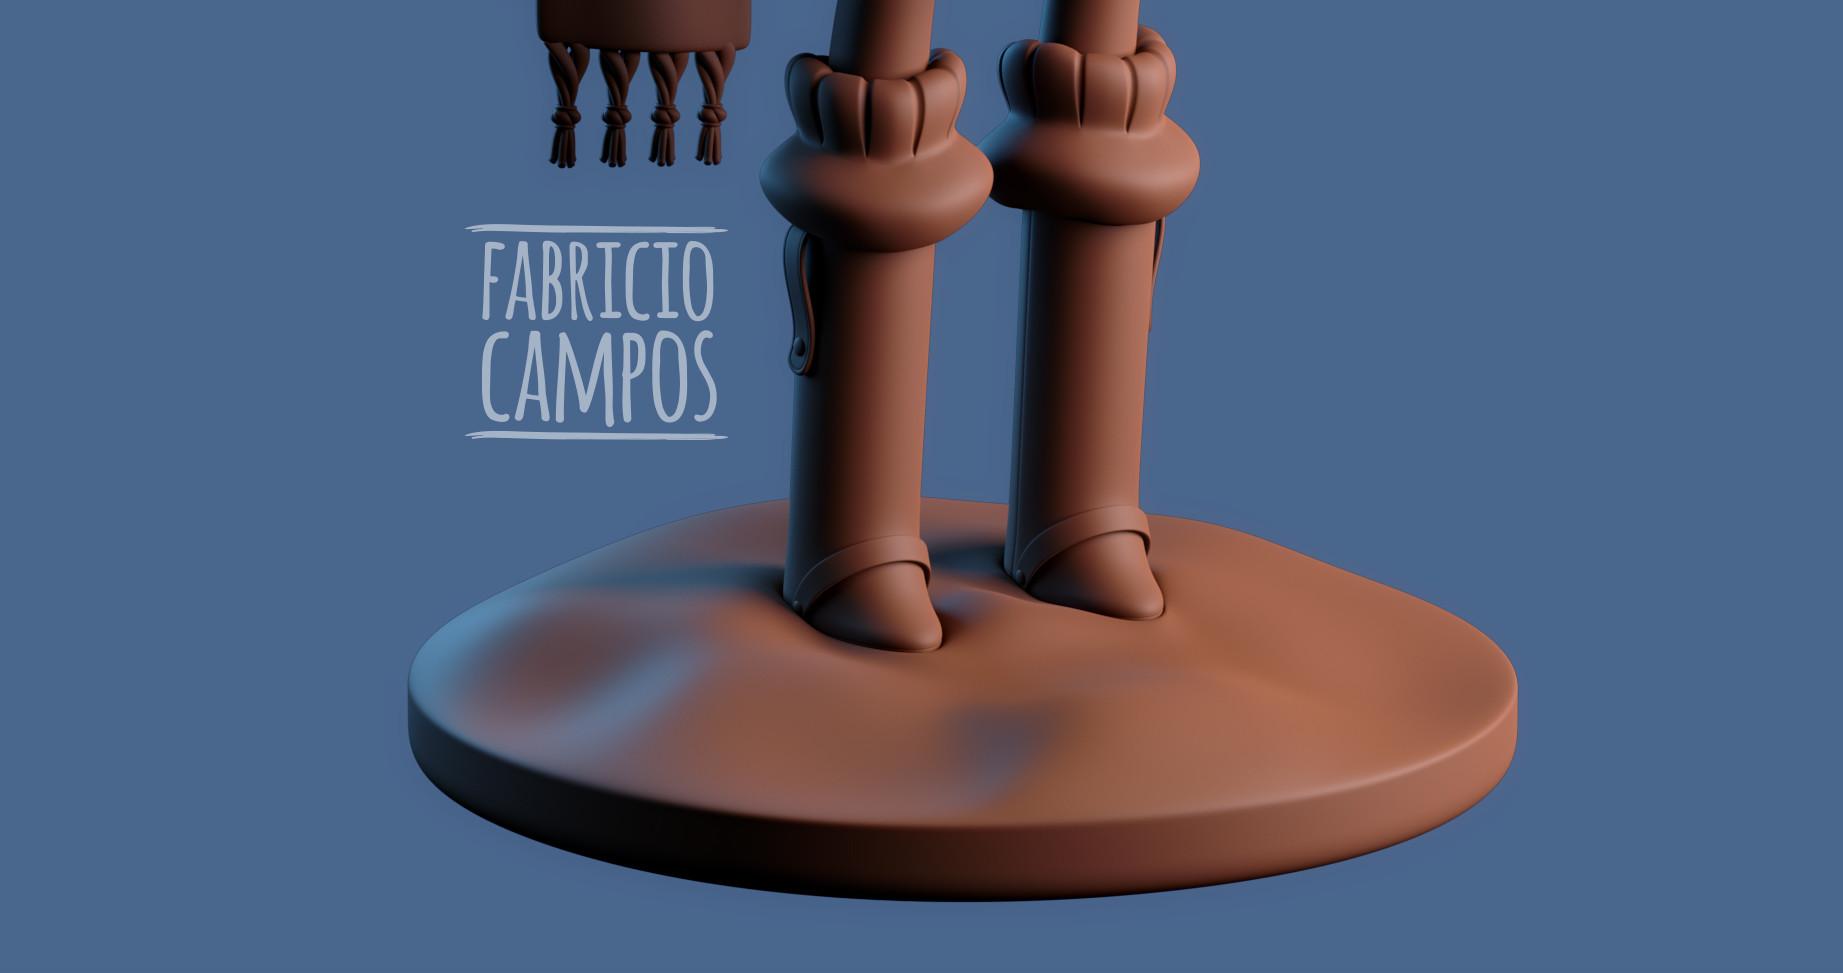 Fabricio campos 3